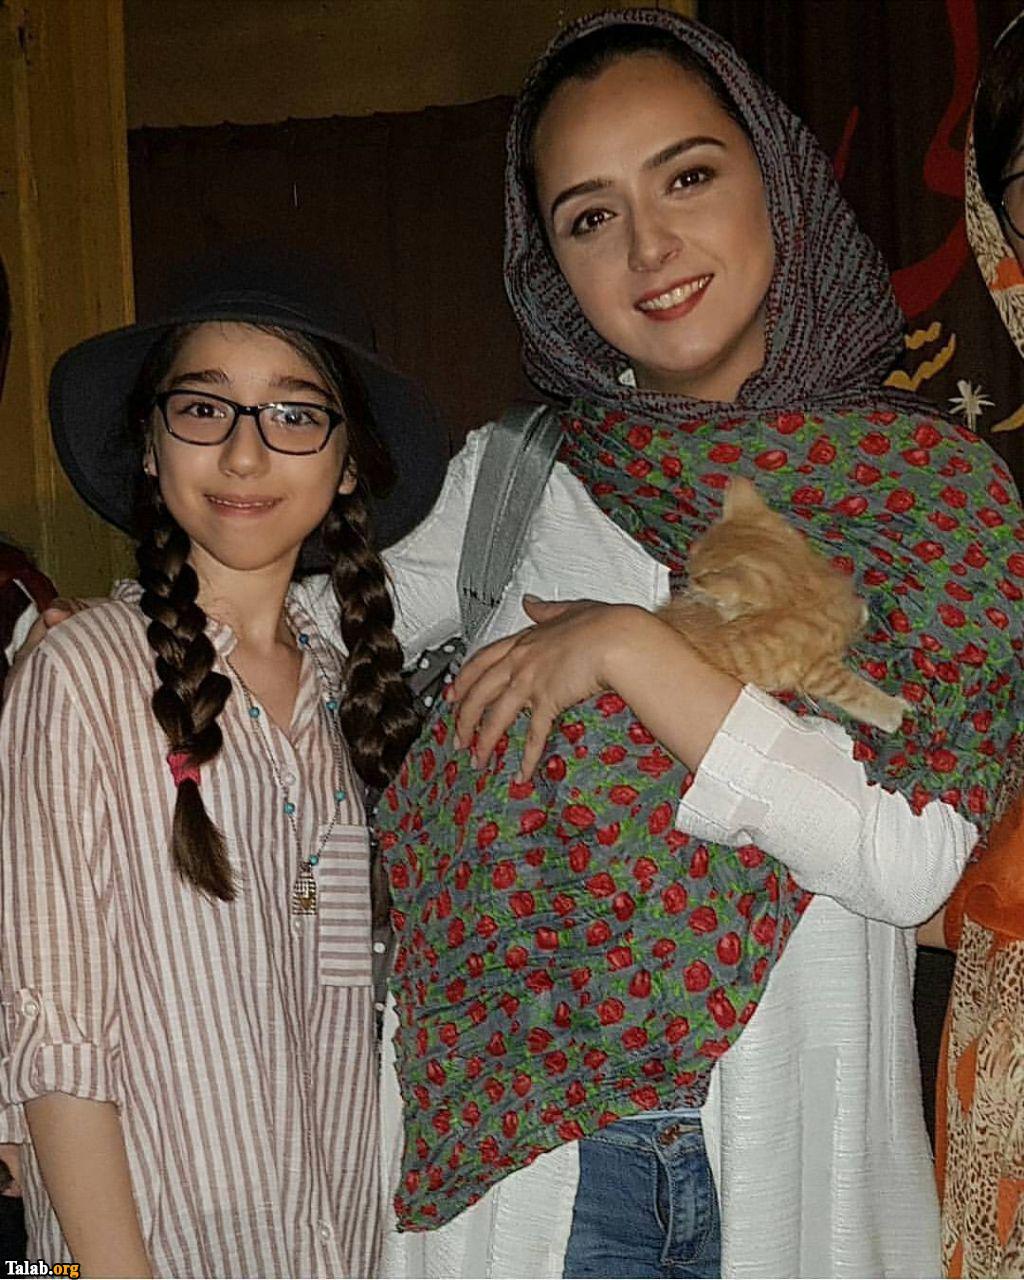 حضور ترانه علیدوستی و گربه اش در کنار هوادار (عکس)